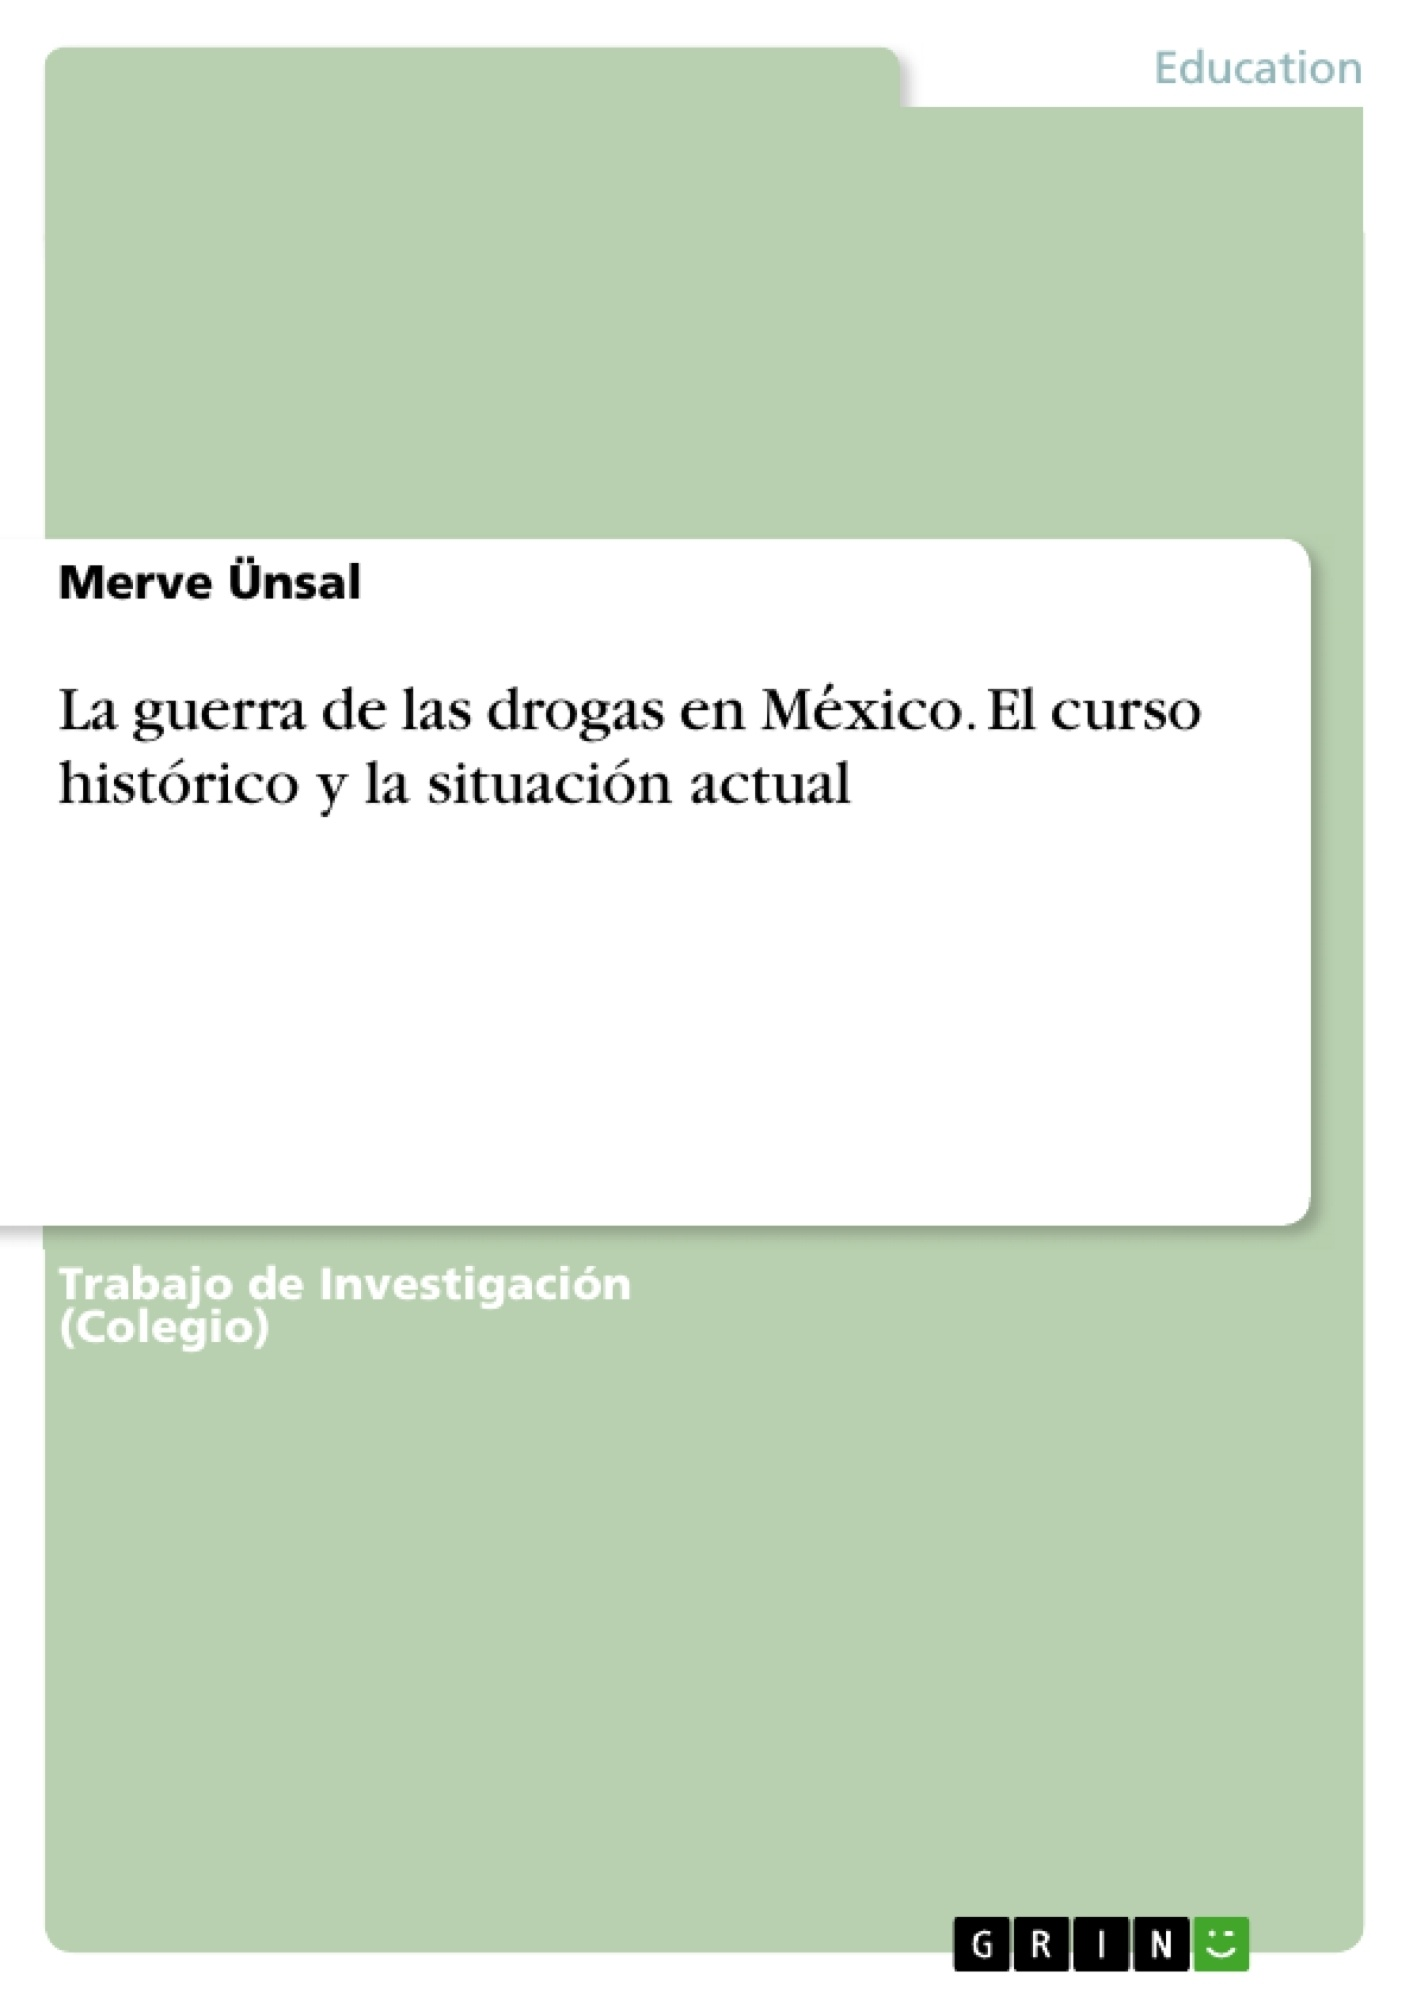 Título: La guerra de las drogas en México. El curso histórico y la situación actual